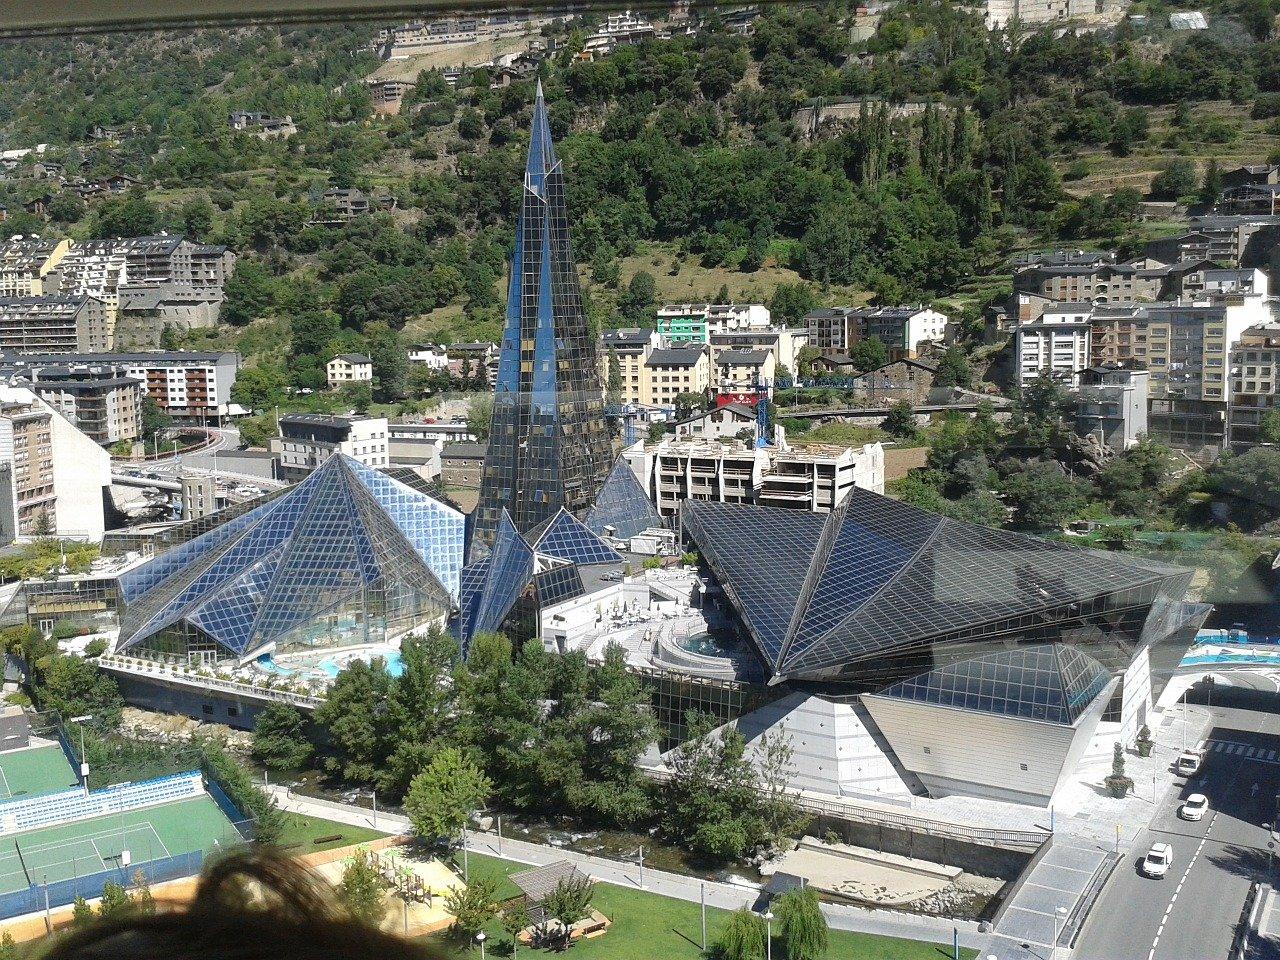 Els immobiliaris d Andorra afirmen que s'ha tret autoritat a la Taula de l'Habitatge d Andorra el text legislatiu definitiu no preveu excepcions en la congelació dels lloguers tal com demanava l'AGIA